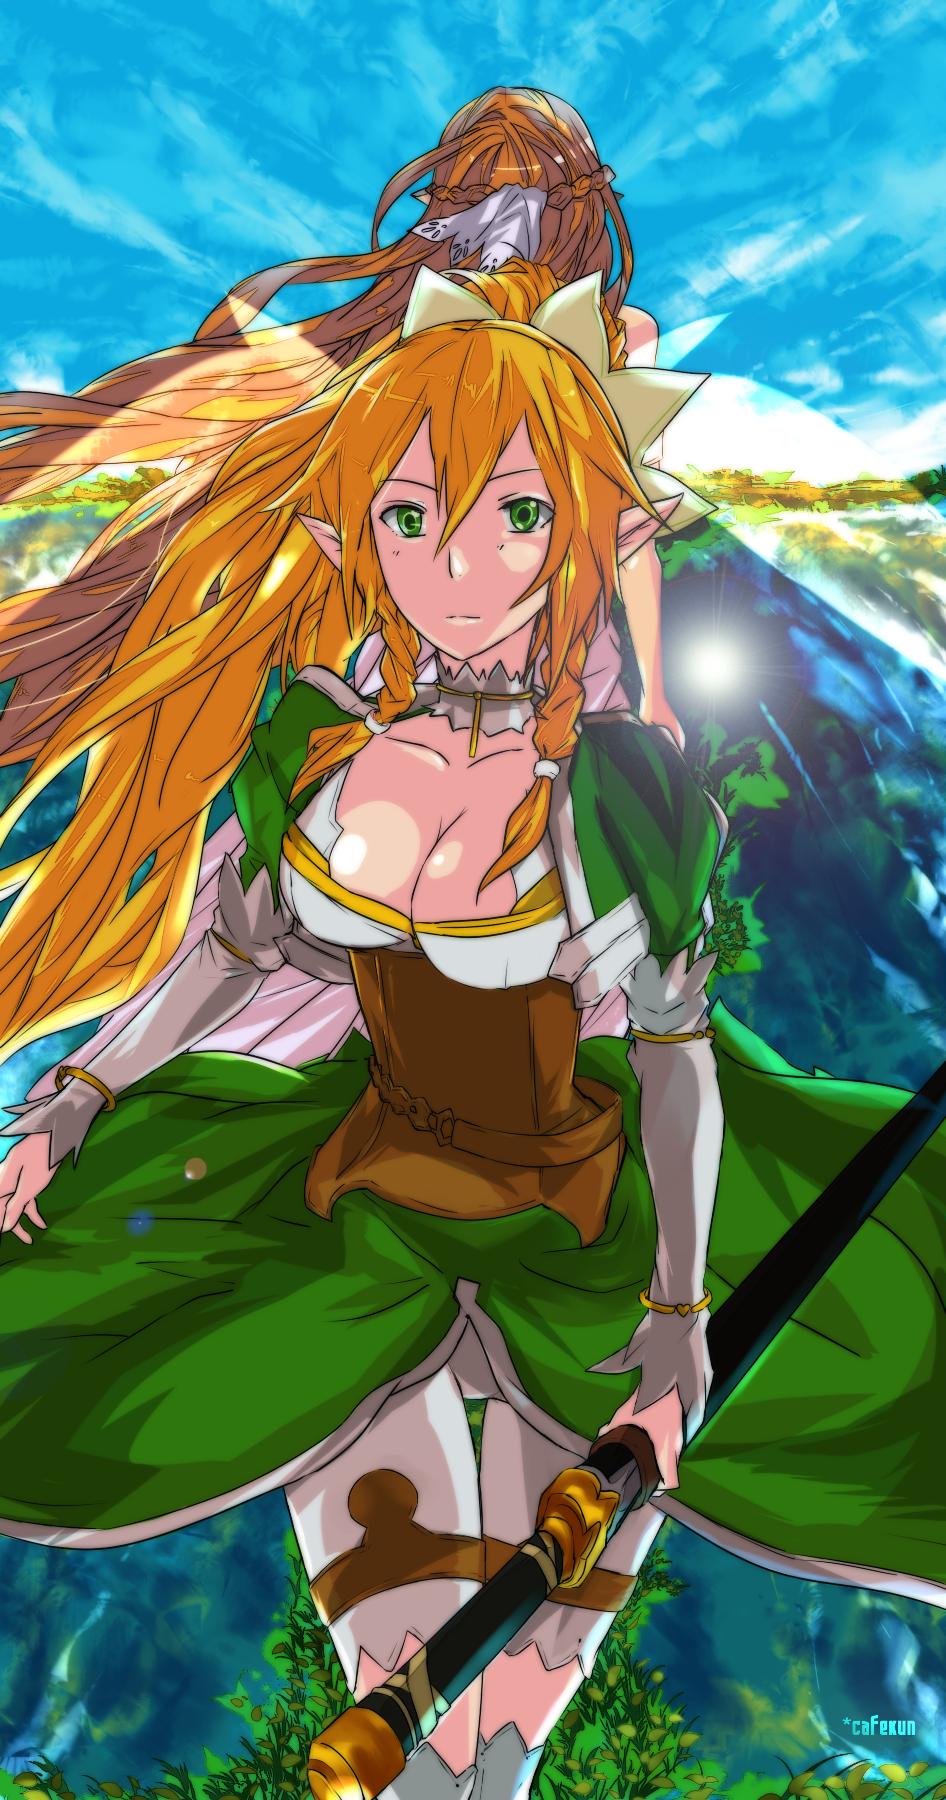 Sword Art Online by cafekun